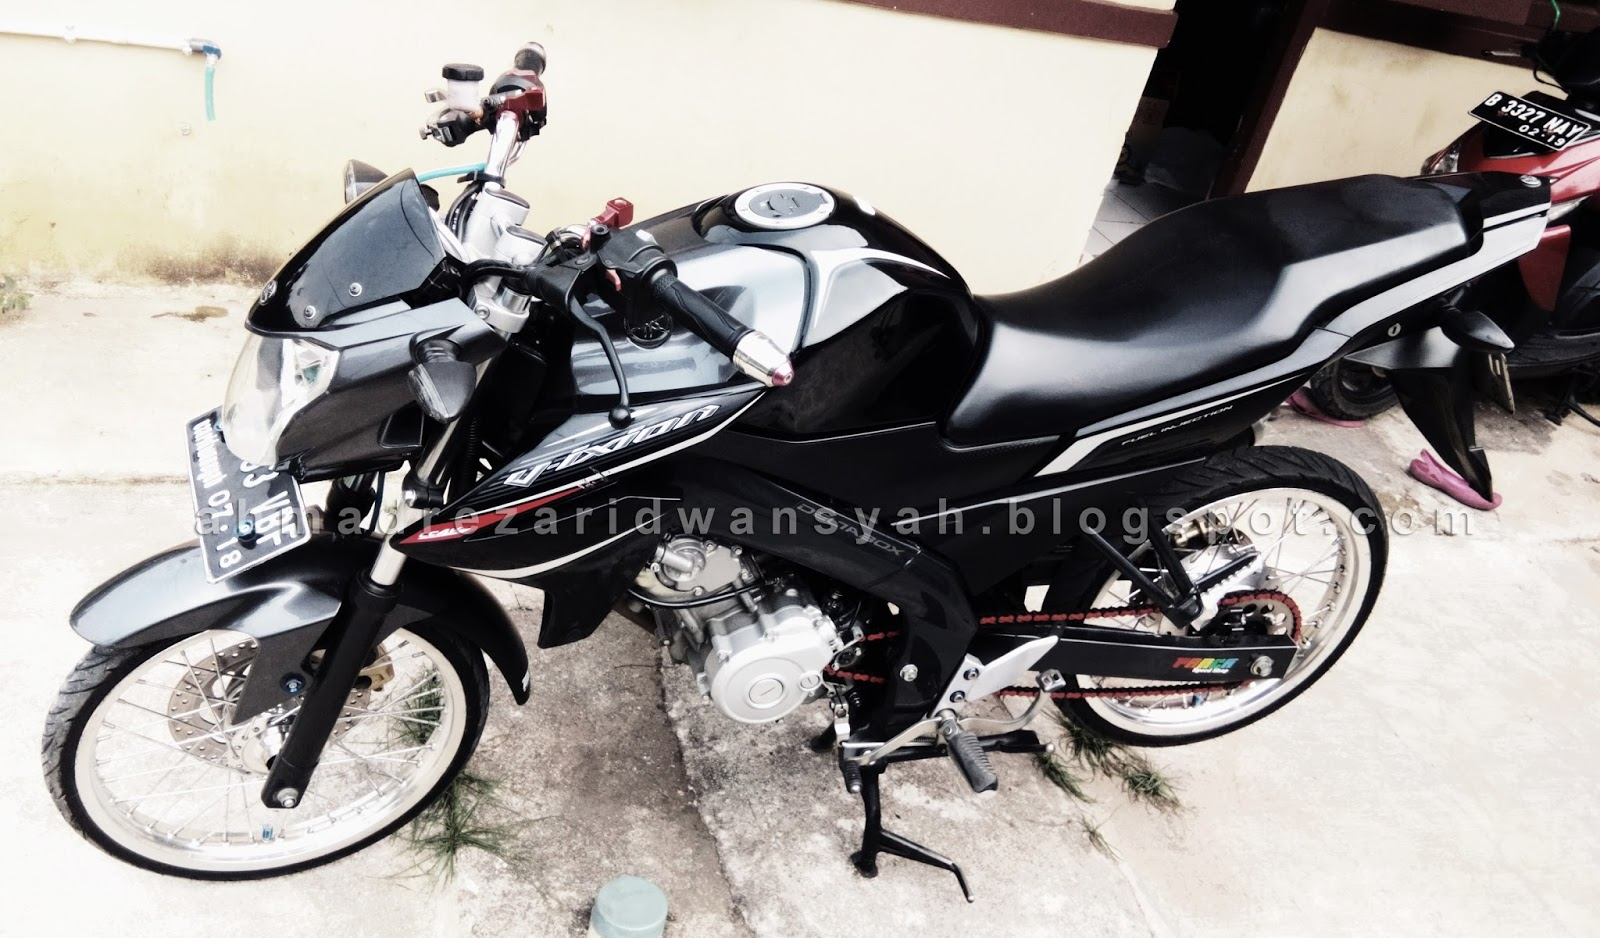 90 Modifikasi Motor Vixion Jari Jari 2014 Terupdate Kinyis Motor